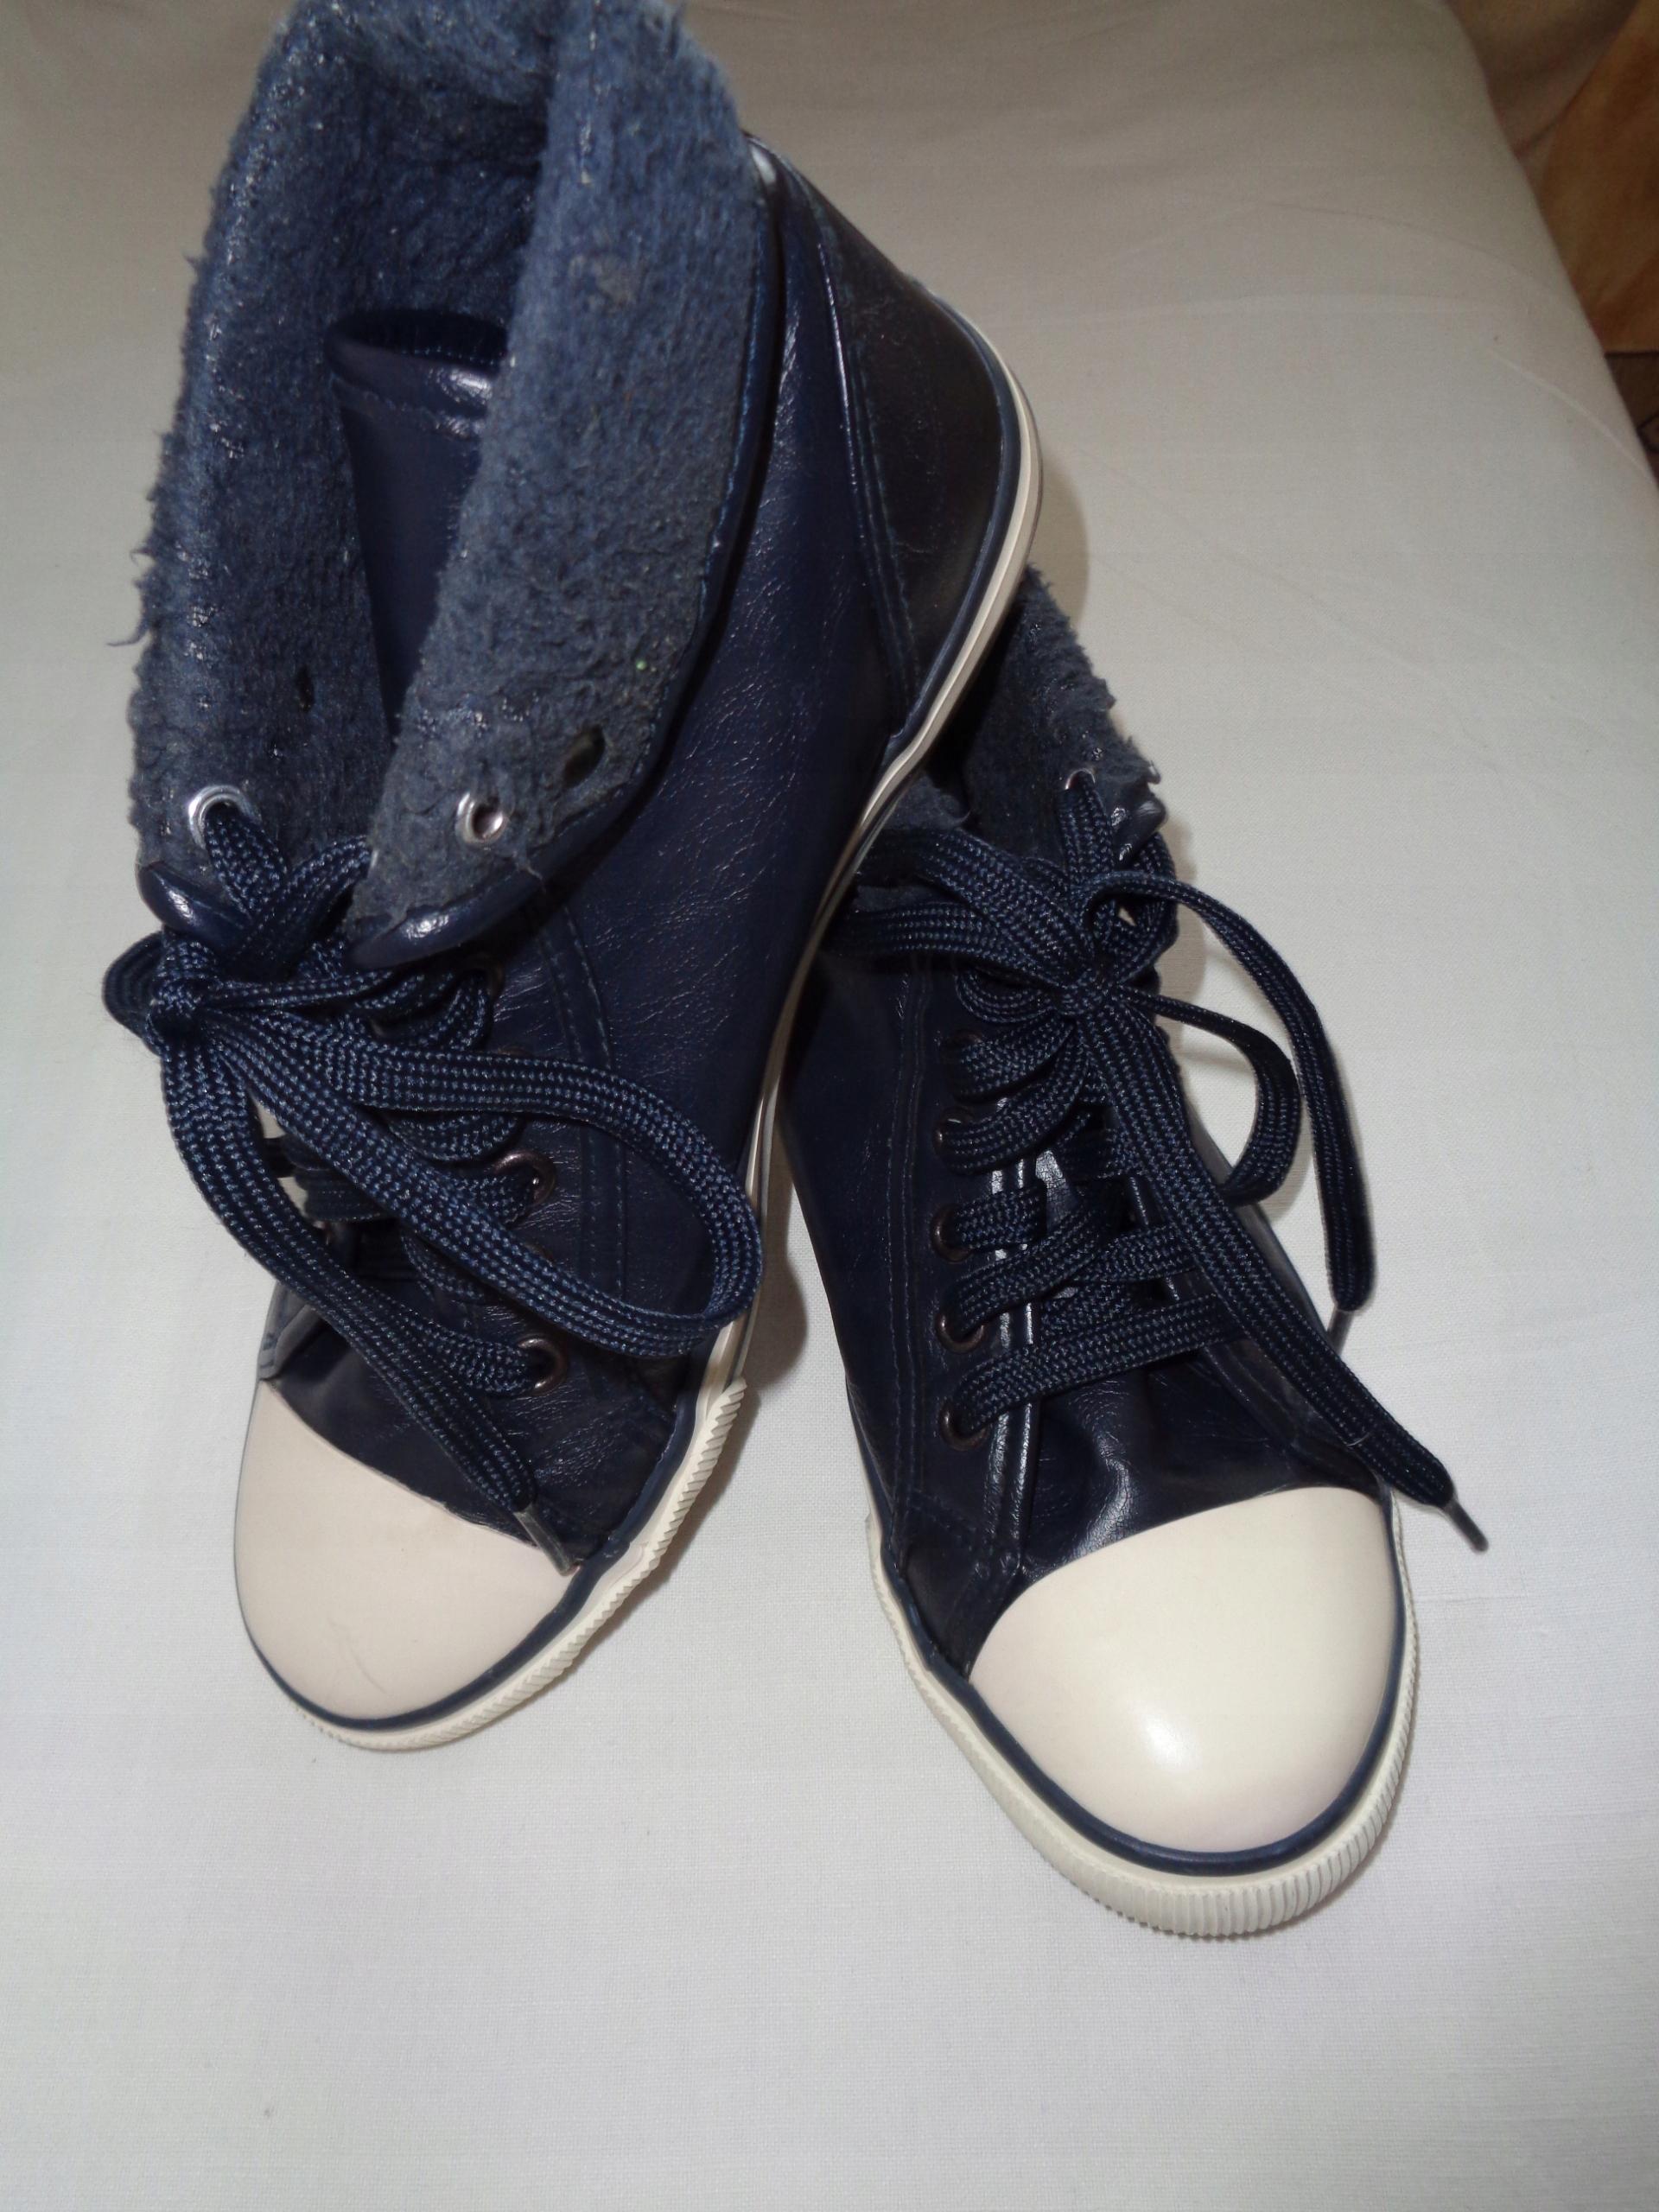 9a34950b21711 BLUE MOTION super buty w stylu trampki c.granat 37 - 7579003823 ...